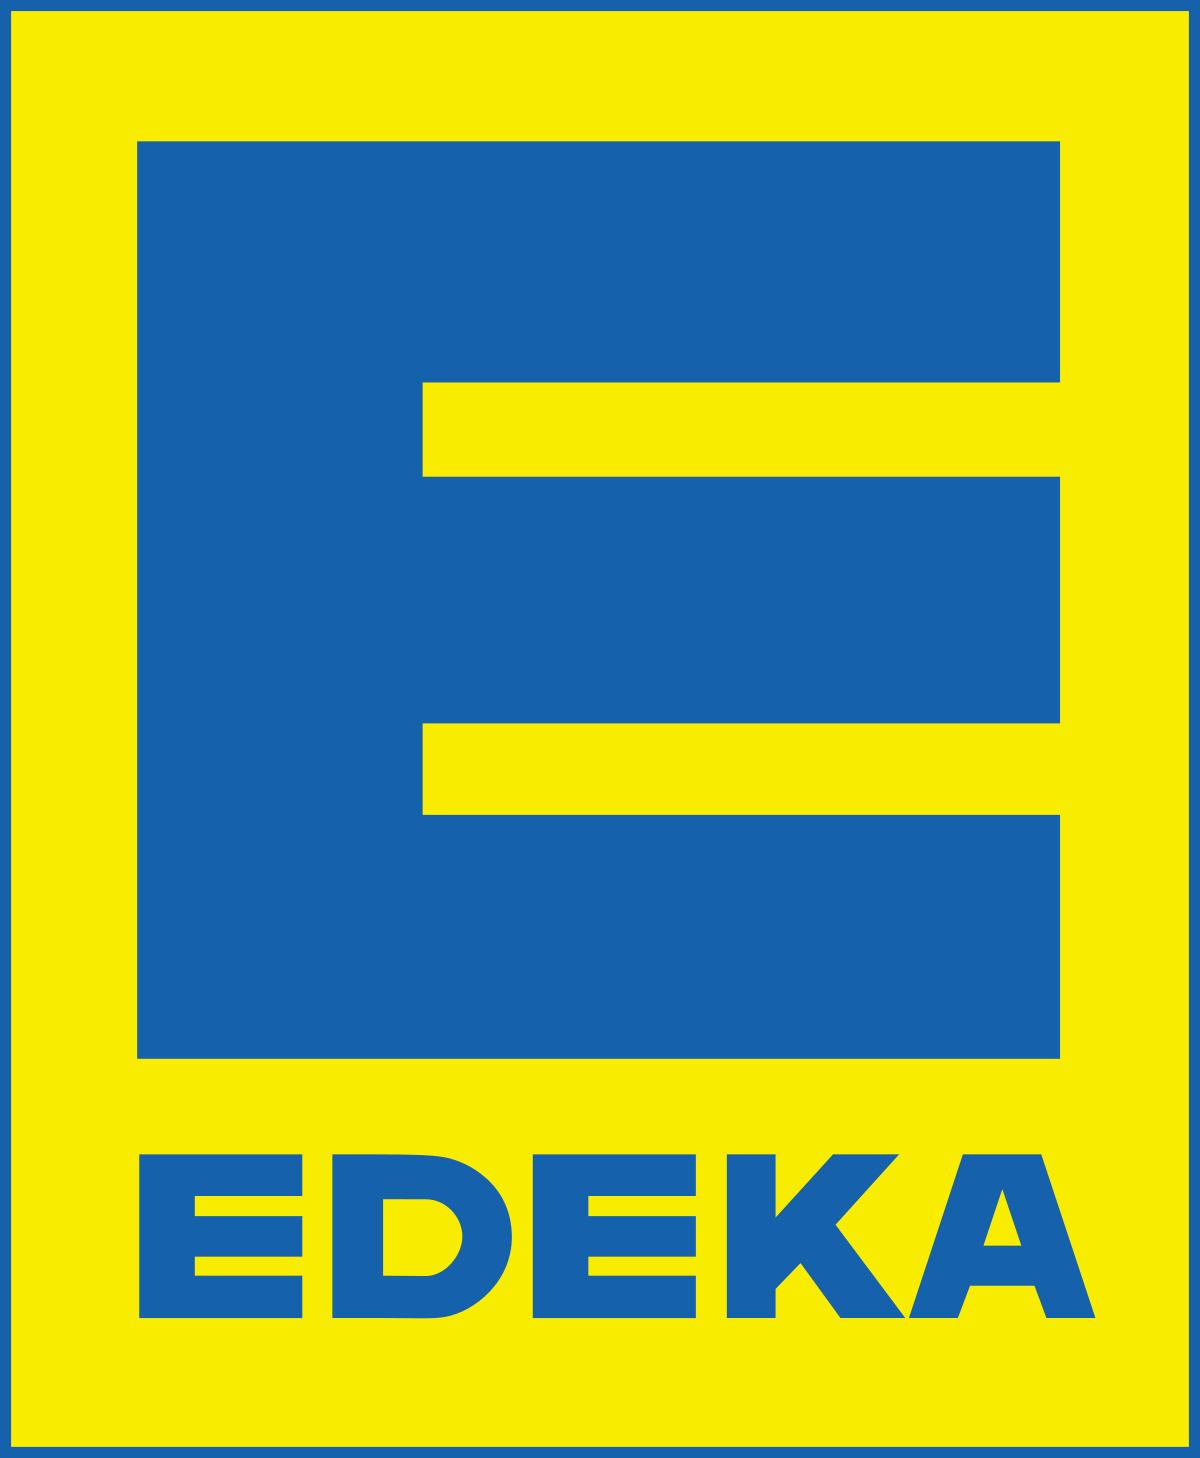 [EDEKA]  5€ Rabatt für 4 Produkte der Marken Axe/Dove/Duschdas/Rexona/Signal/Zendium z.B. 4x Axe Shower-Gel für 0,24€/Stück